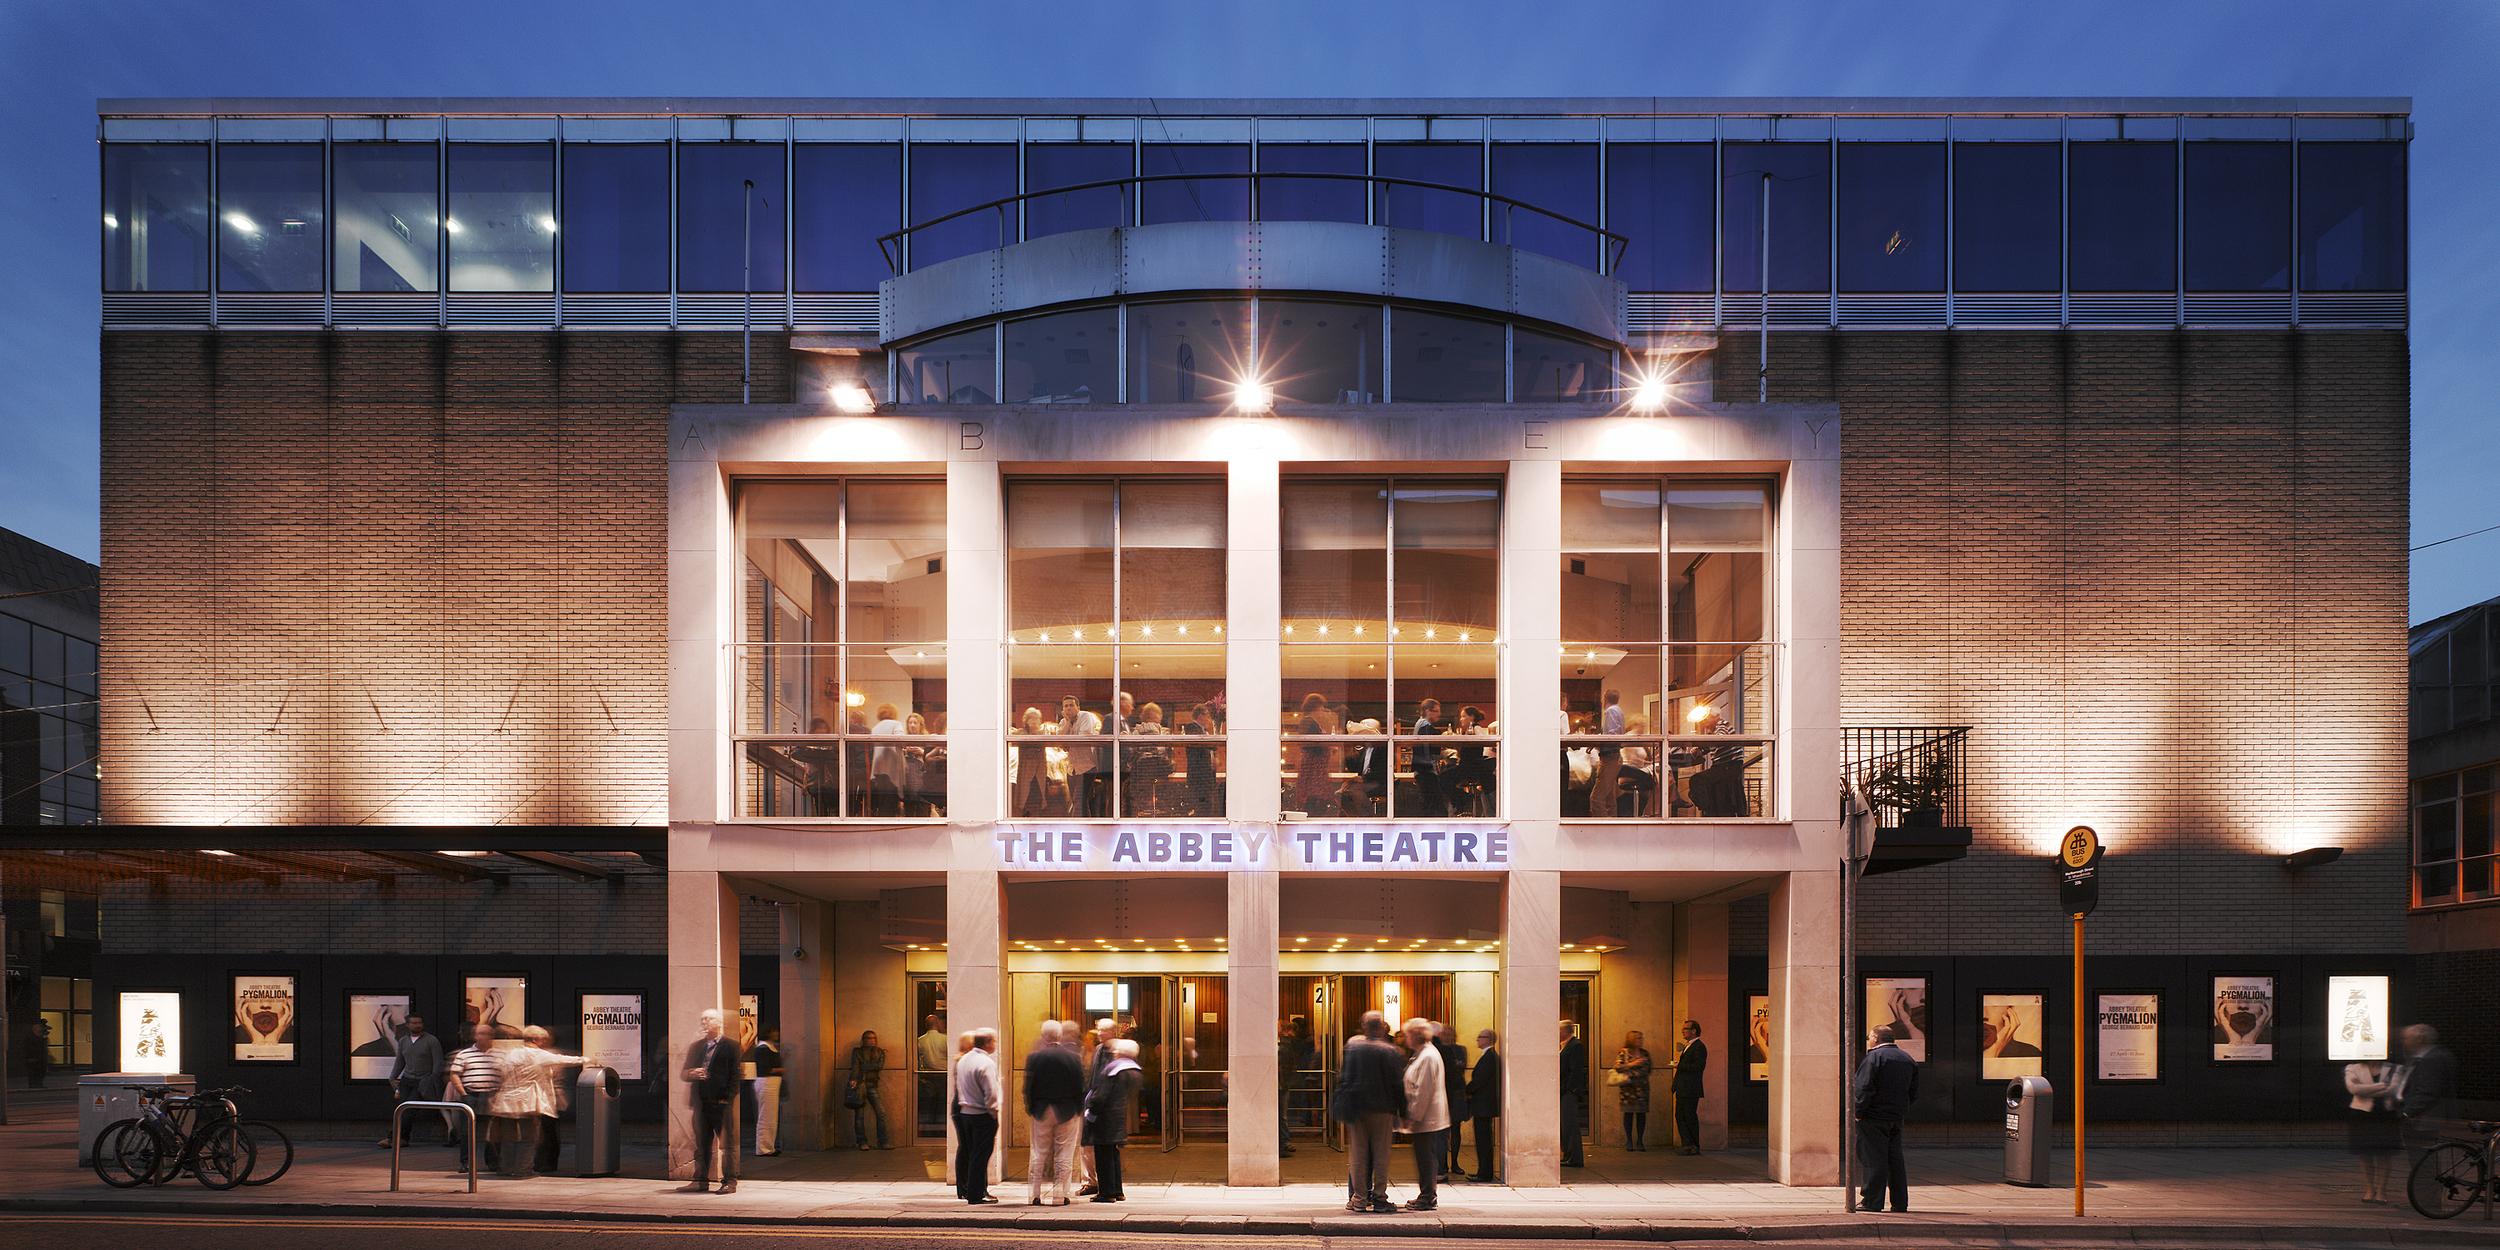 The Abbey Theatre Dublin